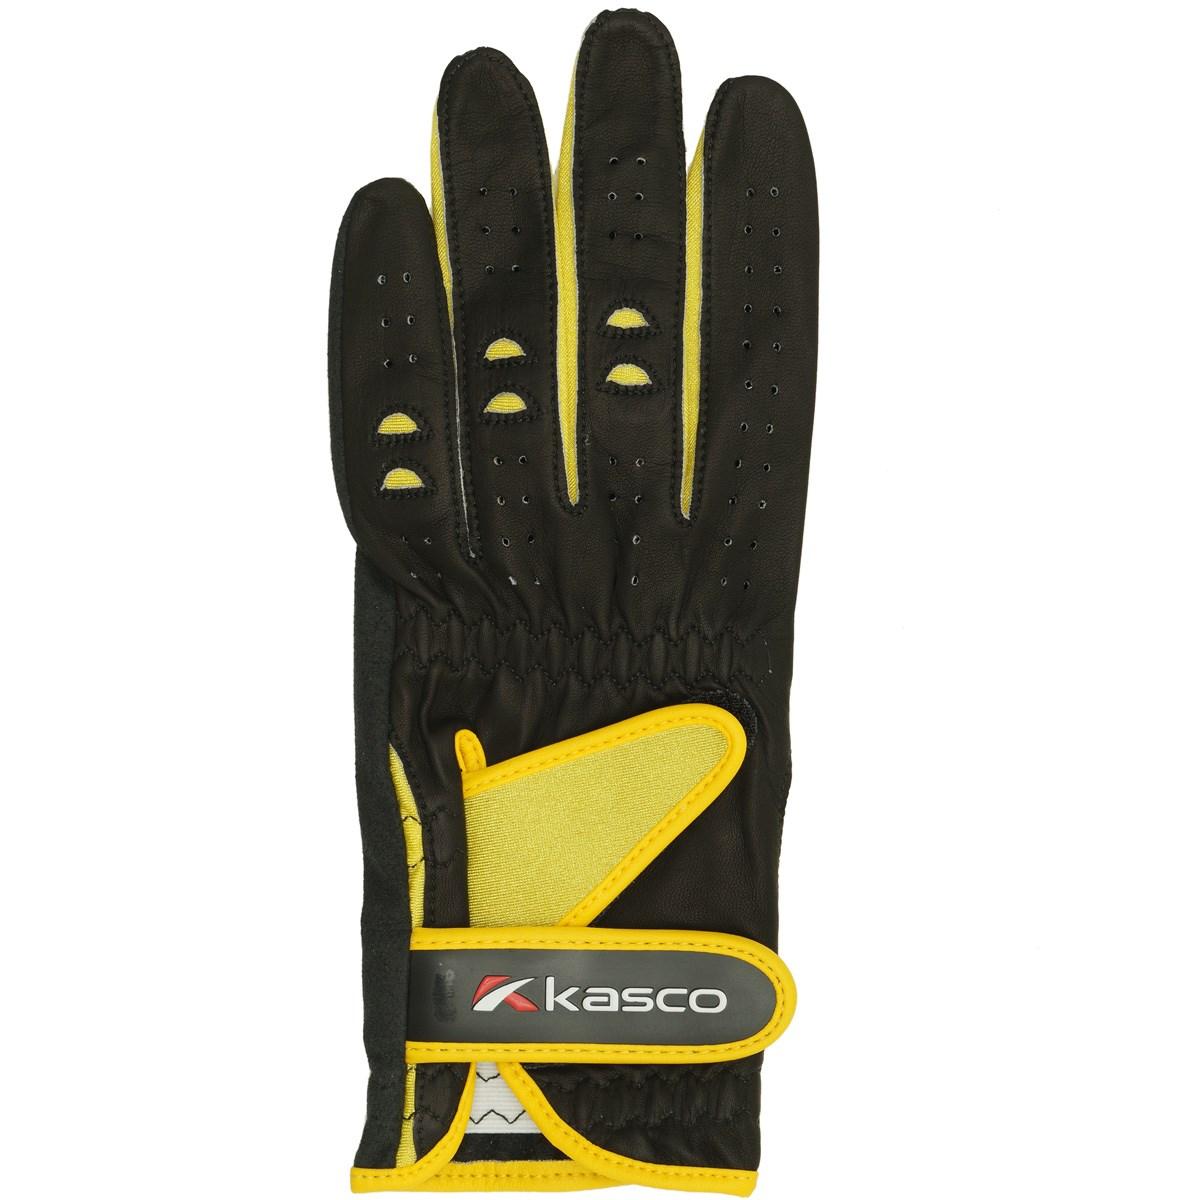 キャスコ KASCO バツフィット グローブ 22cm 左手着用(右利き用) ブラック